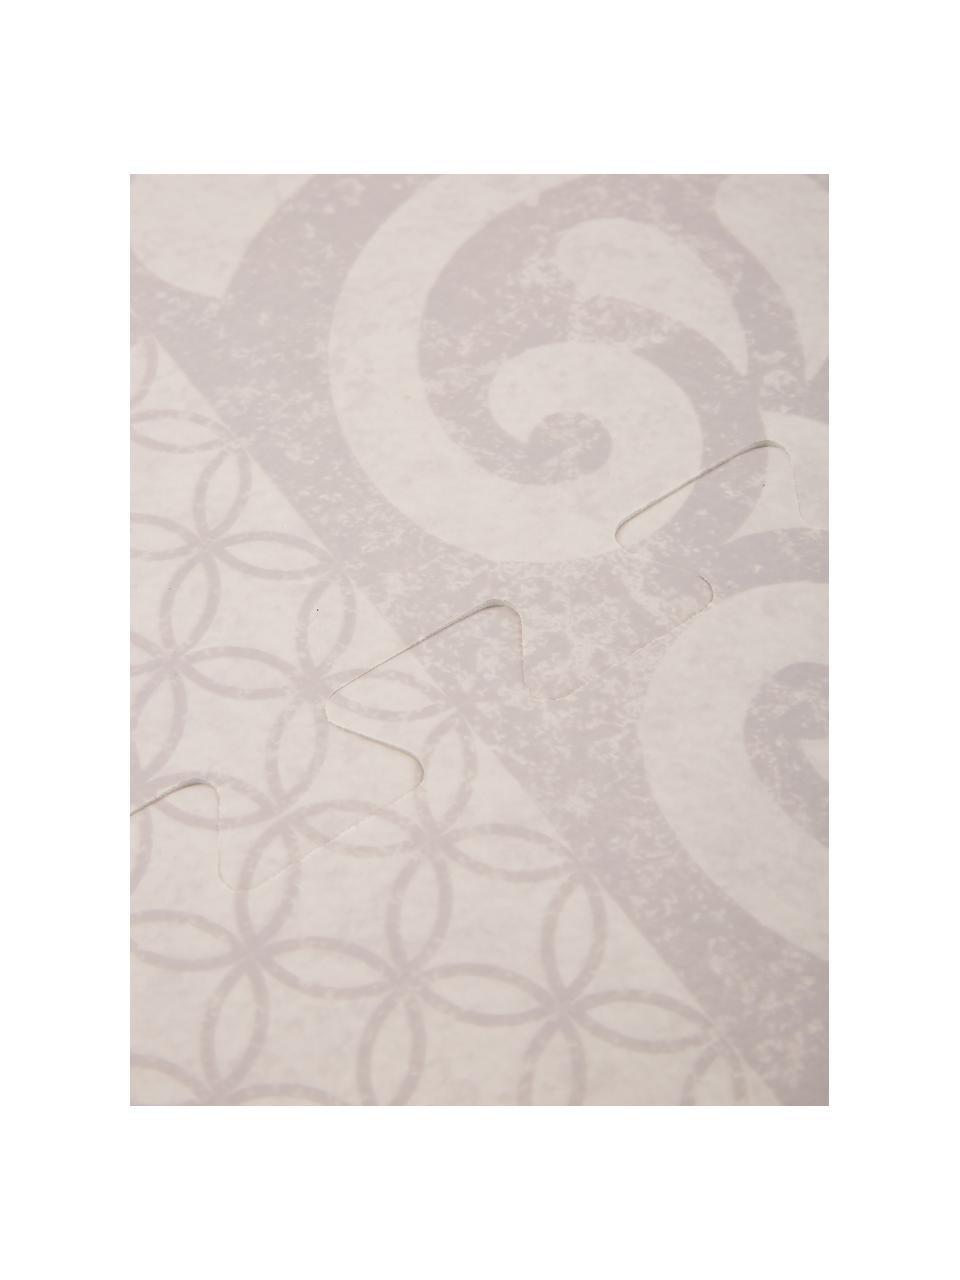 Erweiterbares Spielmatten-Set Tiles, 18-tlg., Schaumstoff (EVAC), schadstofffrei, Beige, 120 x 180 cm